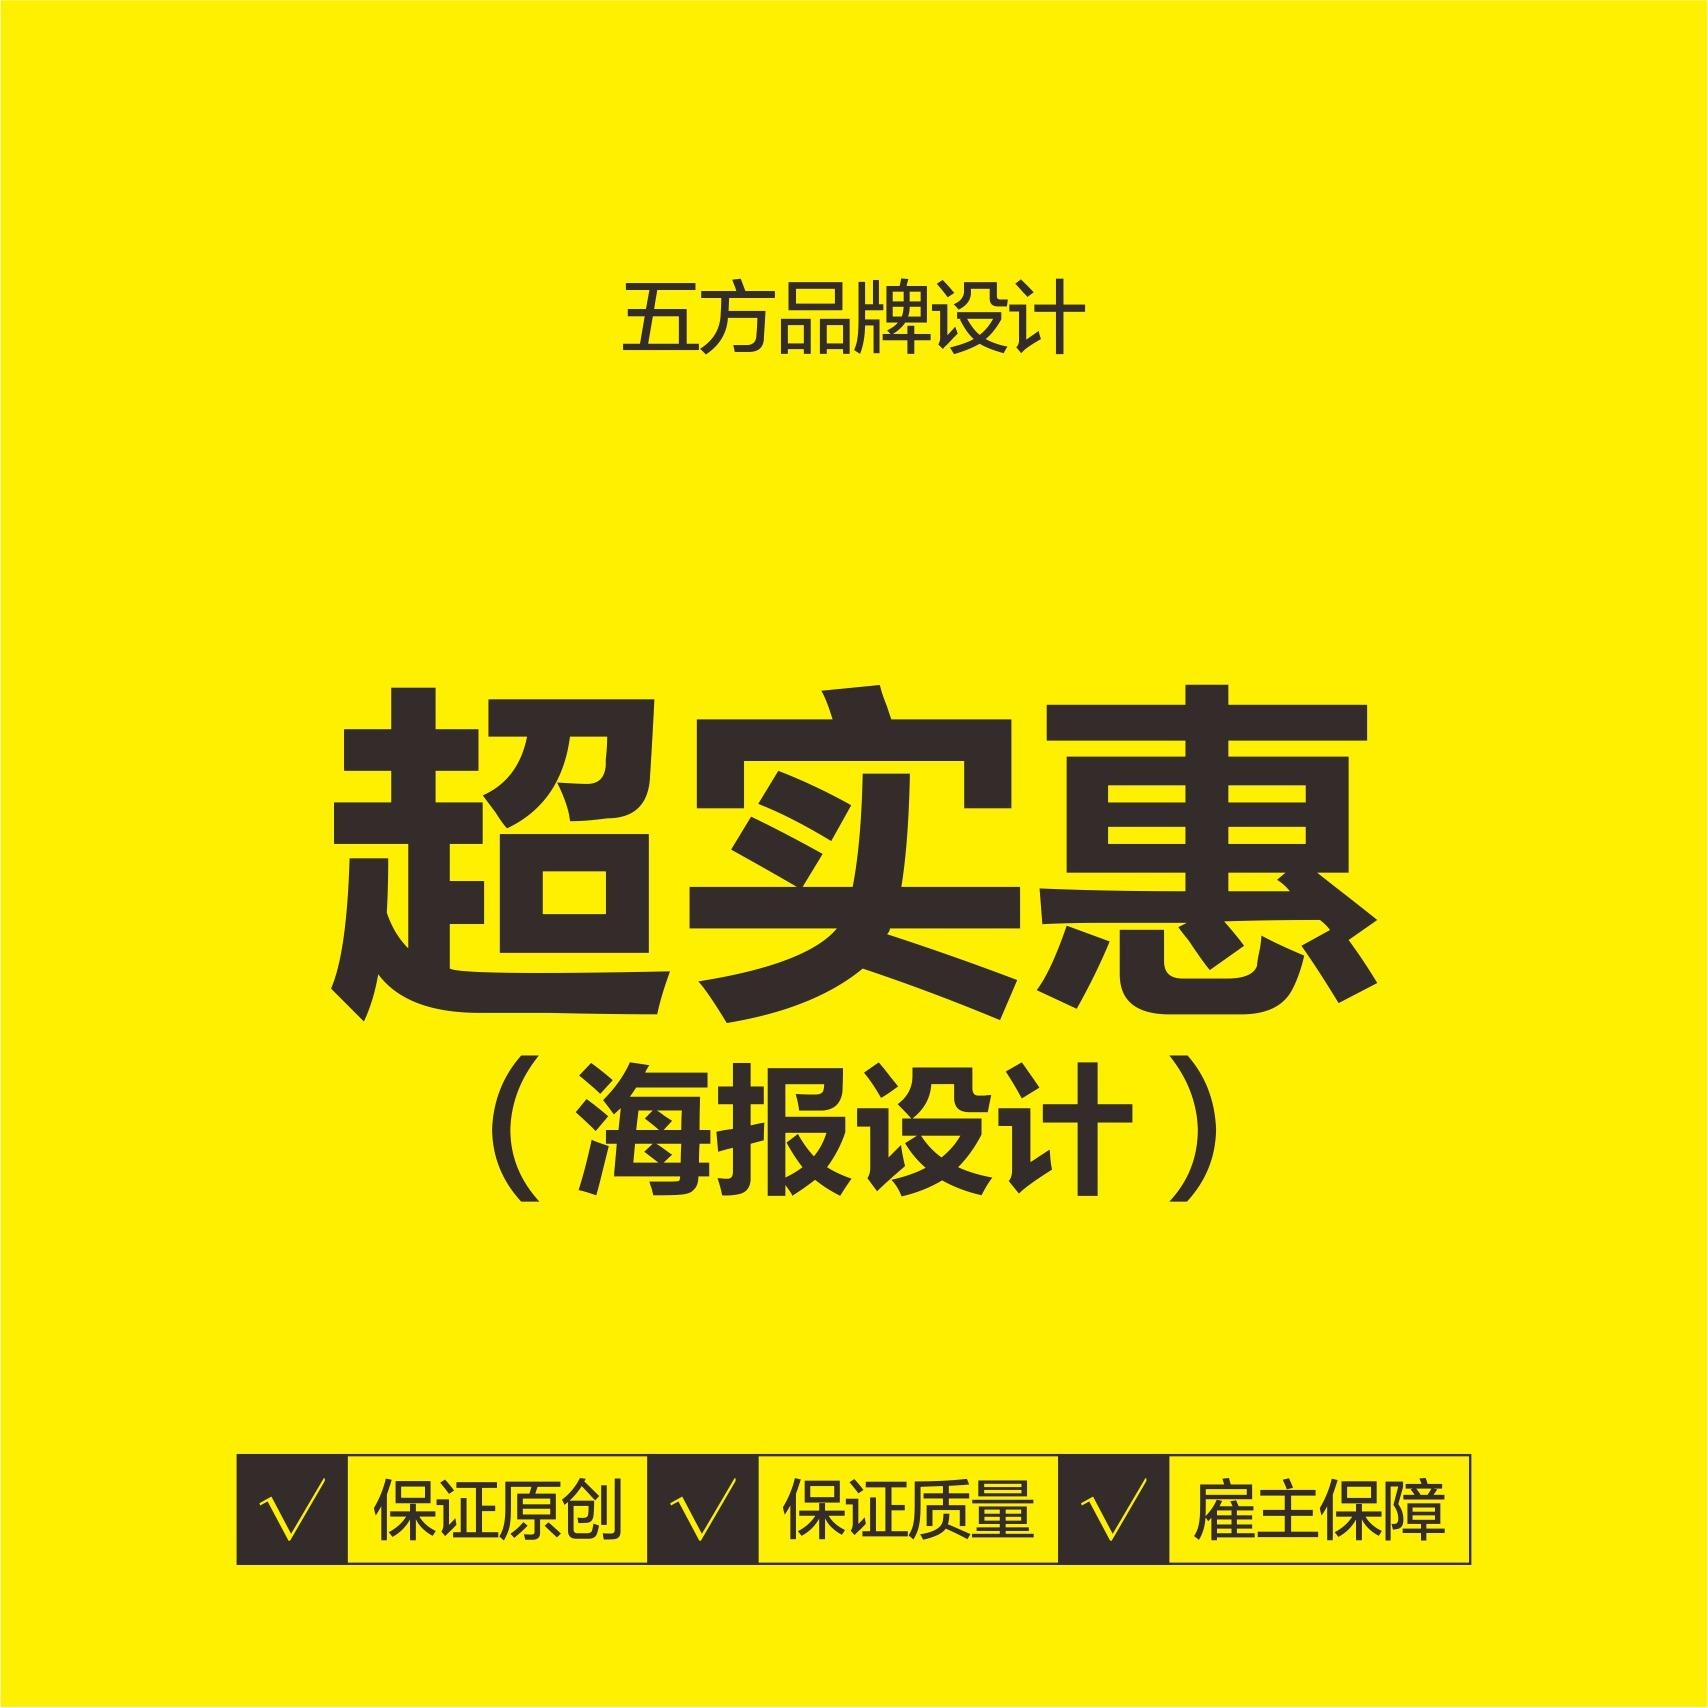 海报 设计 |餐饮海报|广告促销|活动海报,超实惠海报 设计